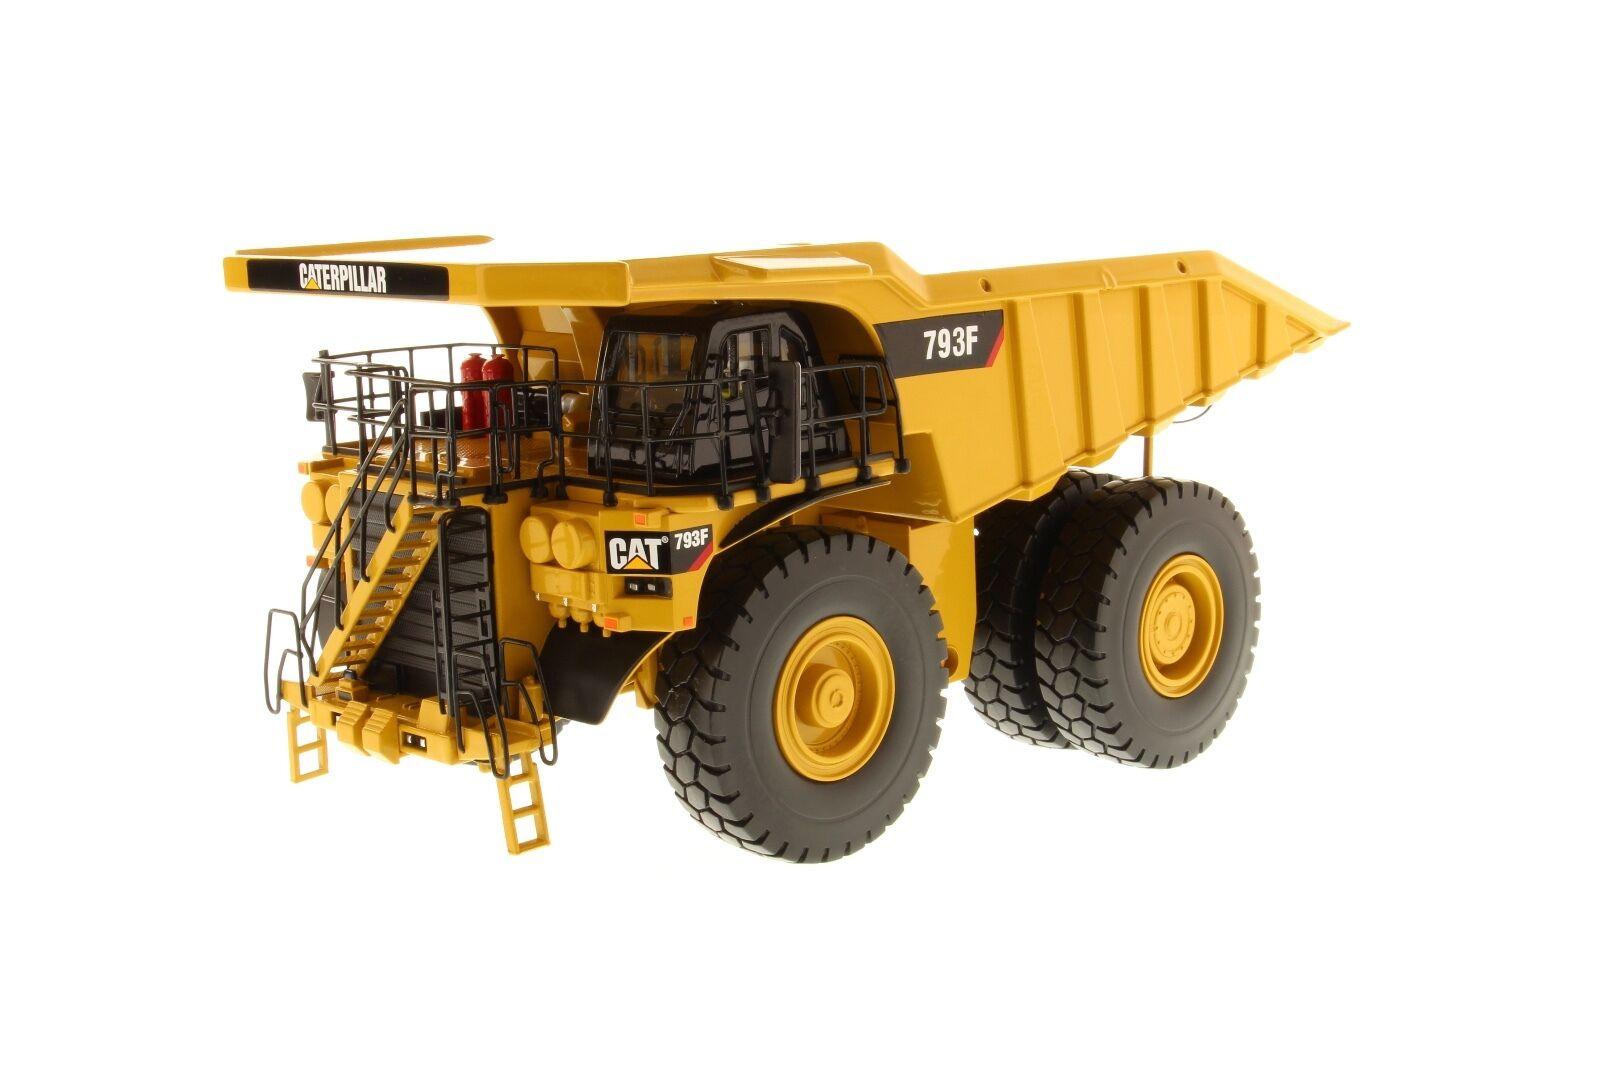 Caterpillar  1:50 Escala Camión Cat 793F minería-Diecast Masters 85273